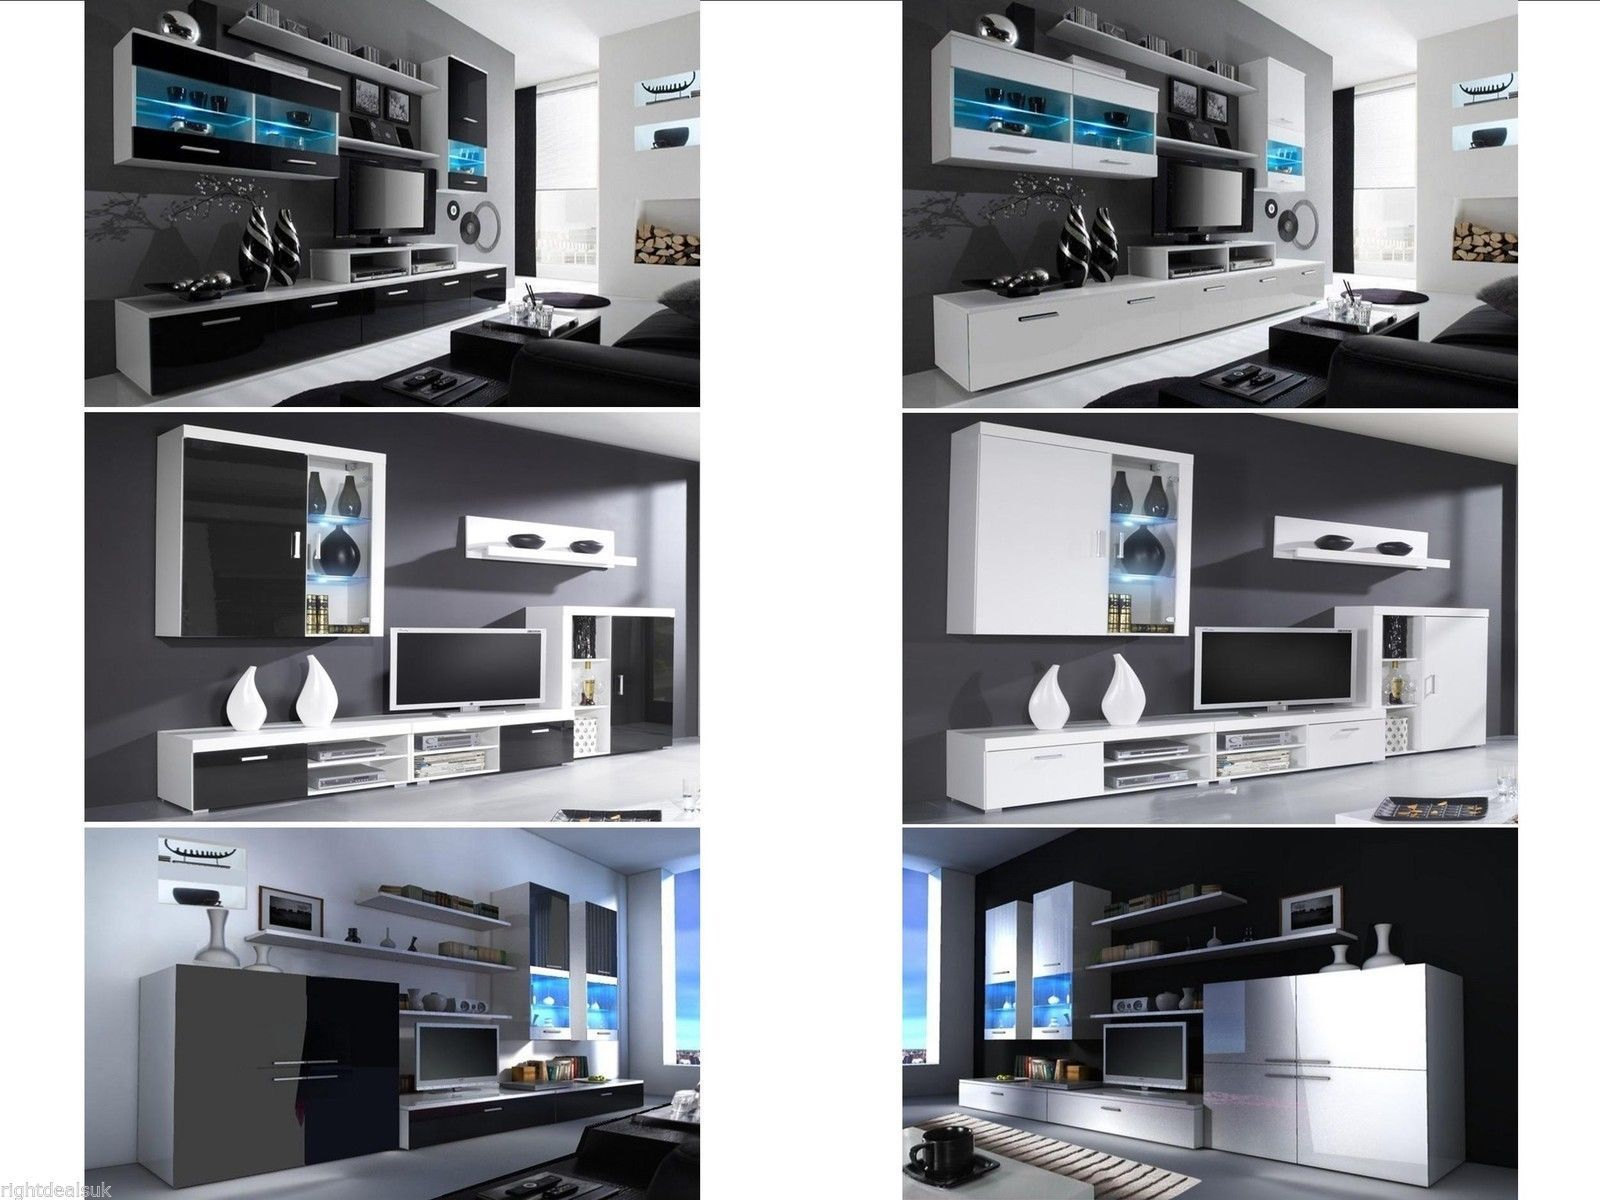 High Gloss Designer Living Room Sets Floating Units With LED Lights TV Sh